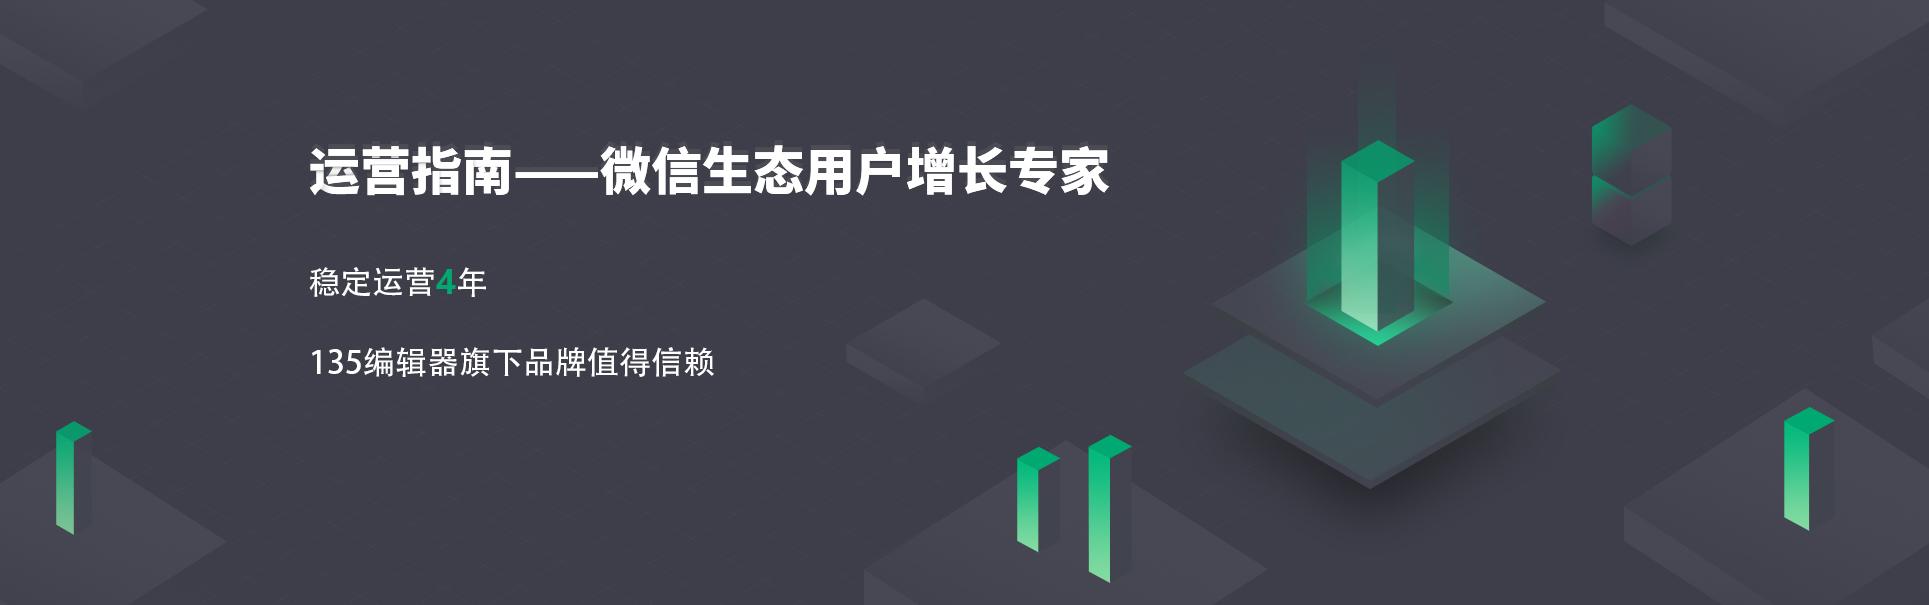 运营指南-微信生态用户增长专家